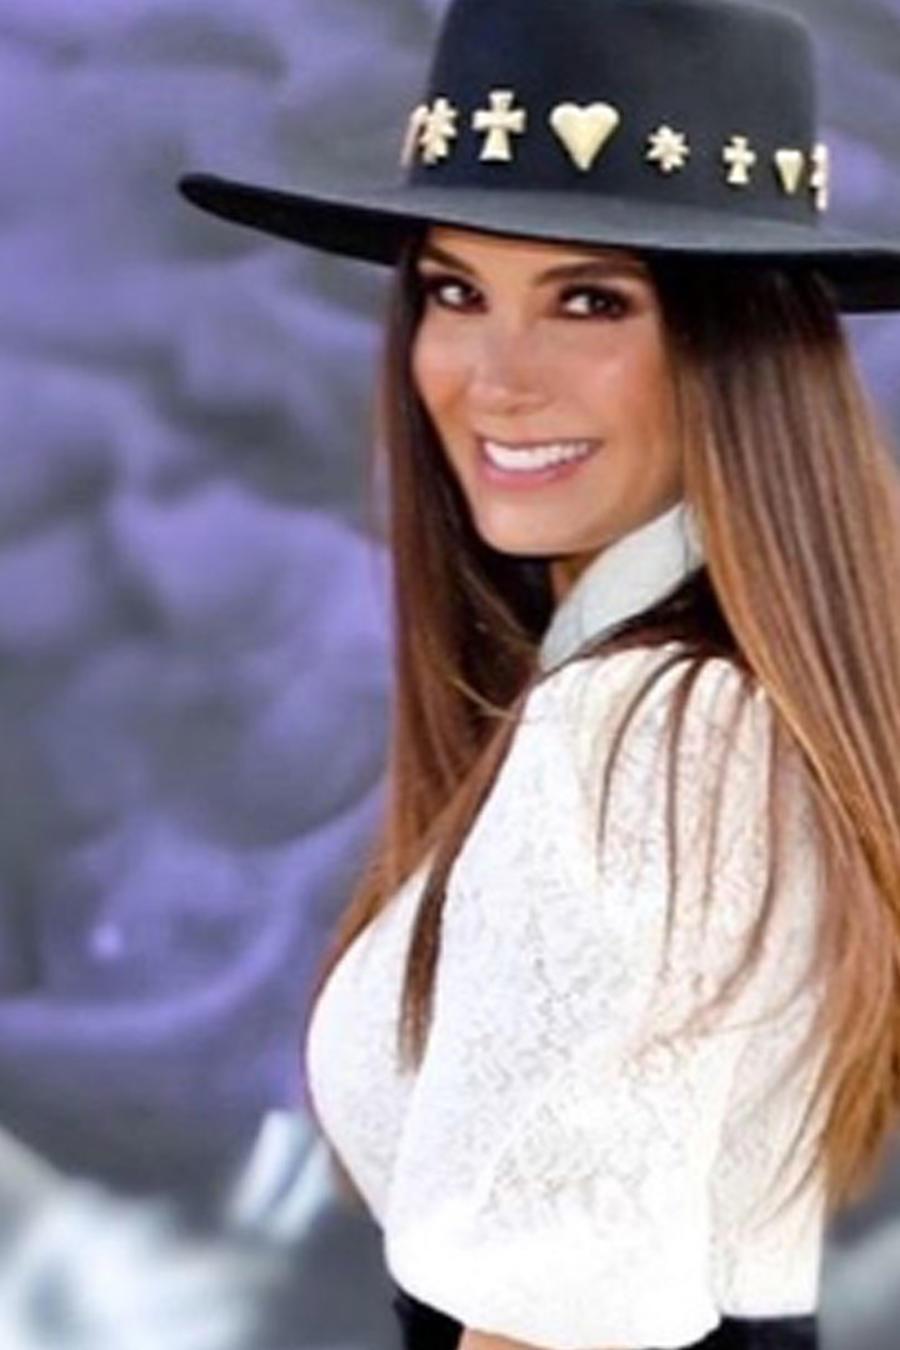 Elizabeth Gutiérrez posando muy sonriente